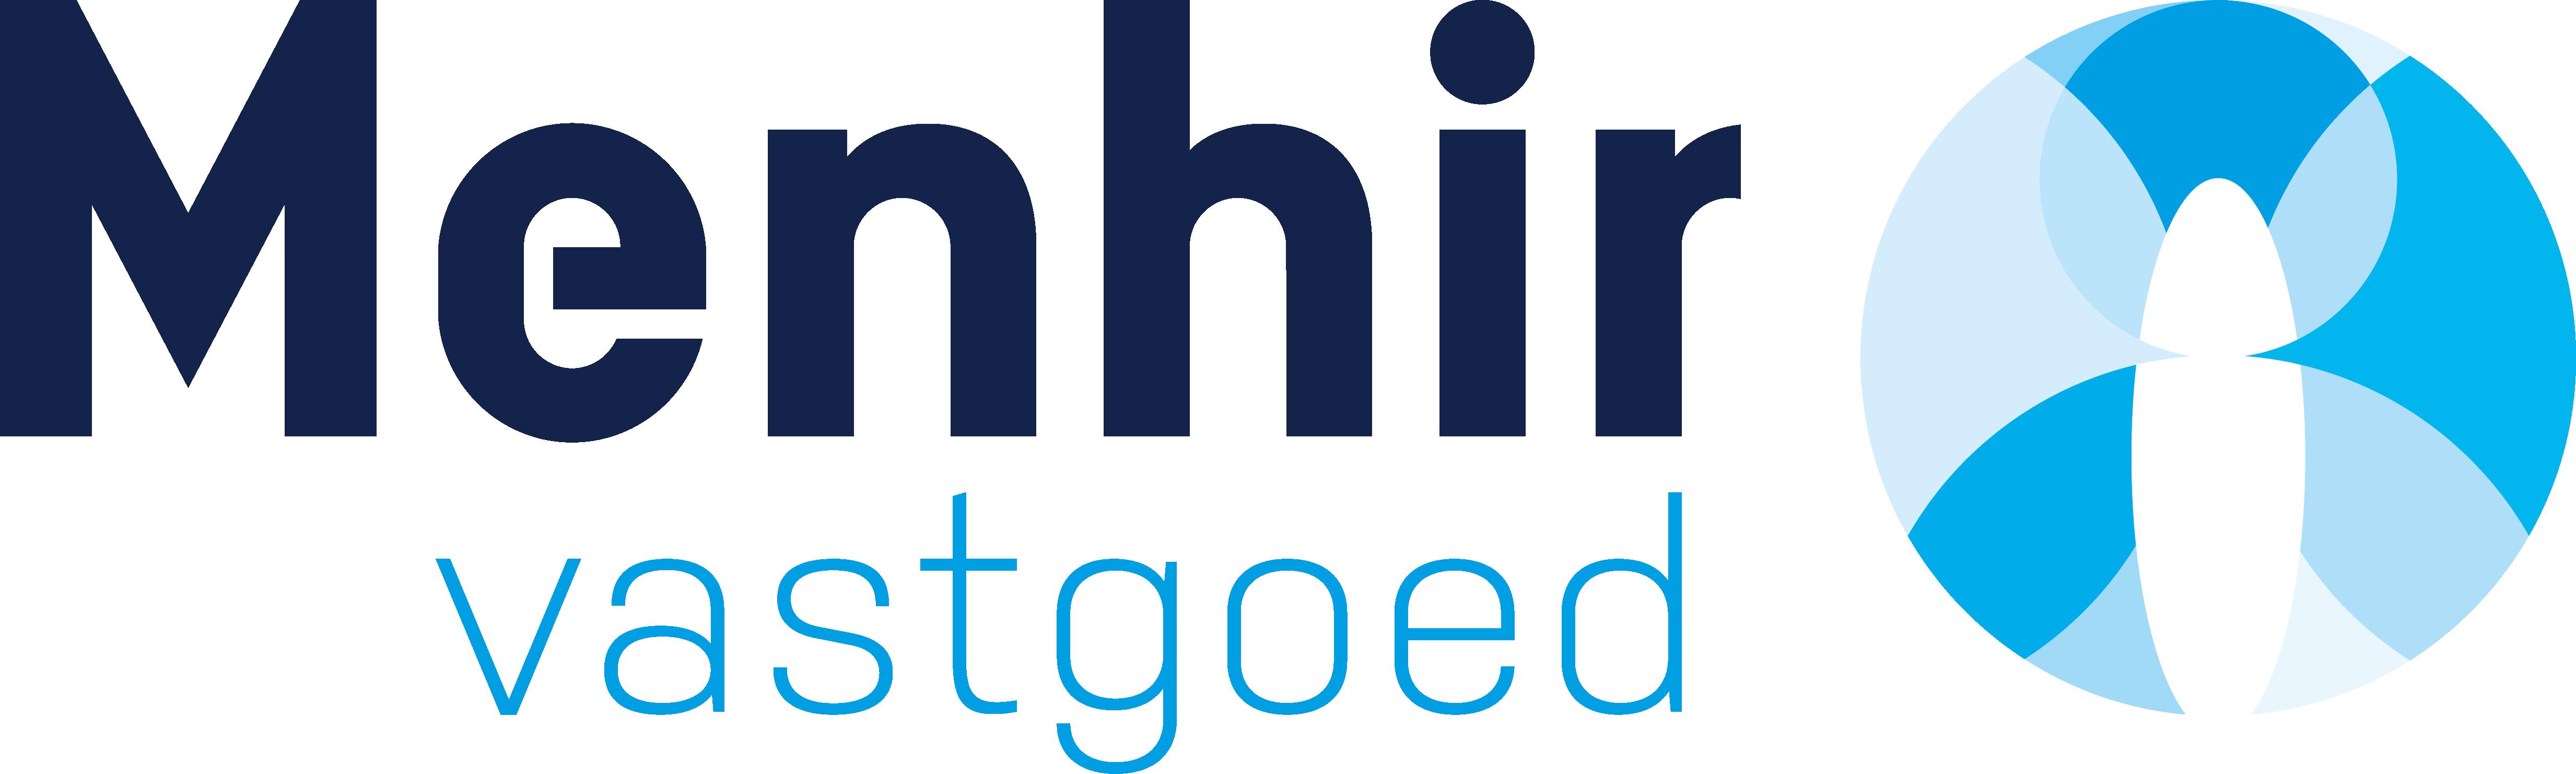 menhir-logo